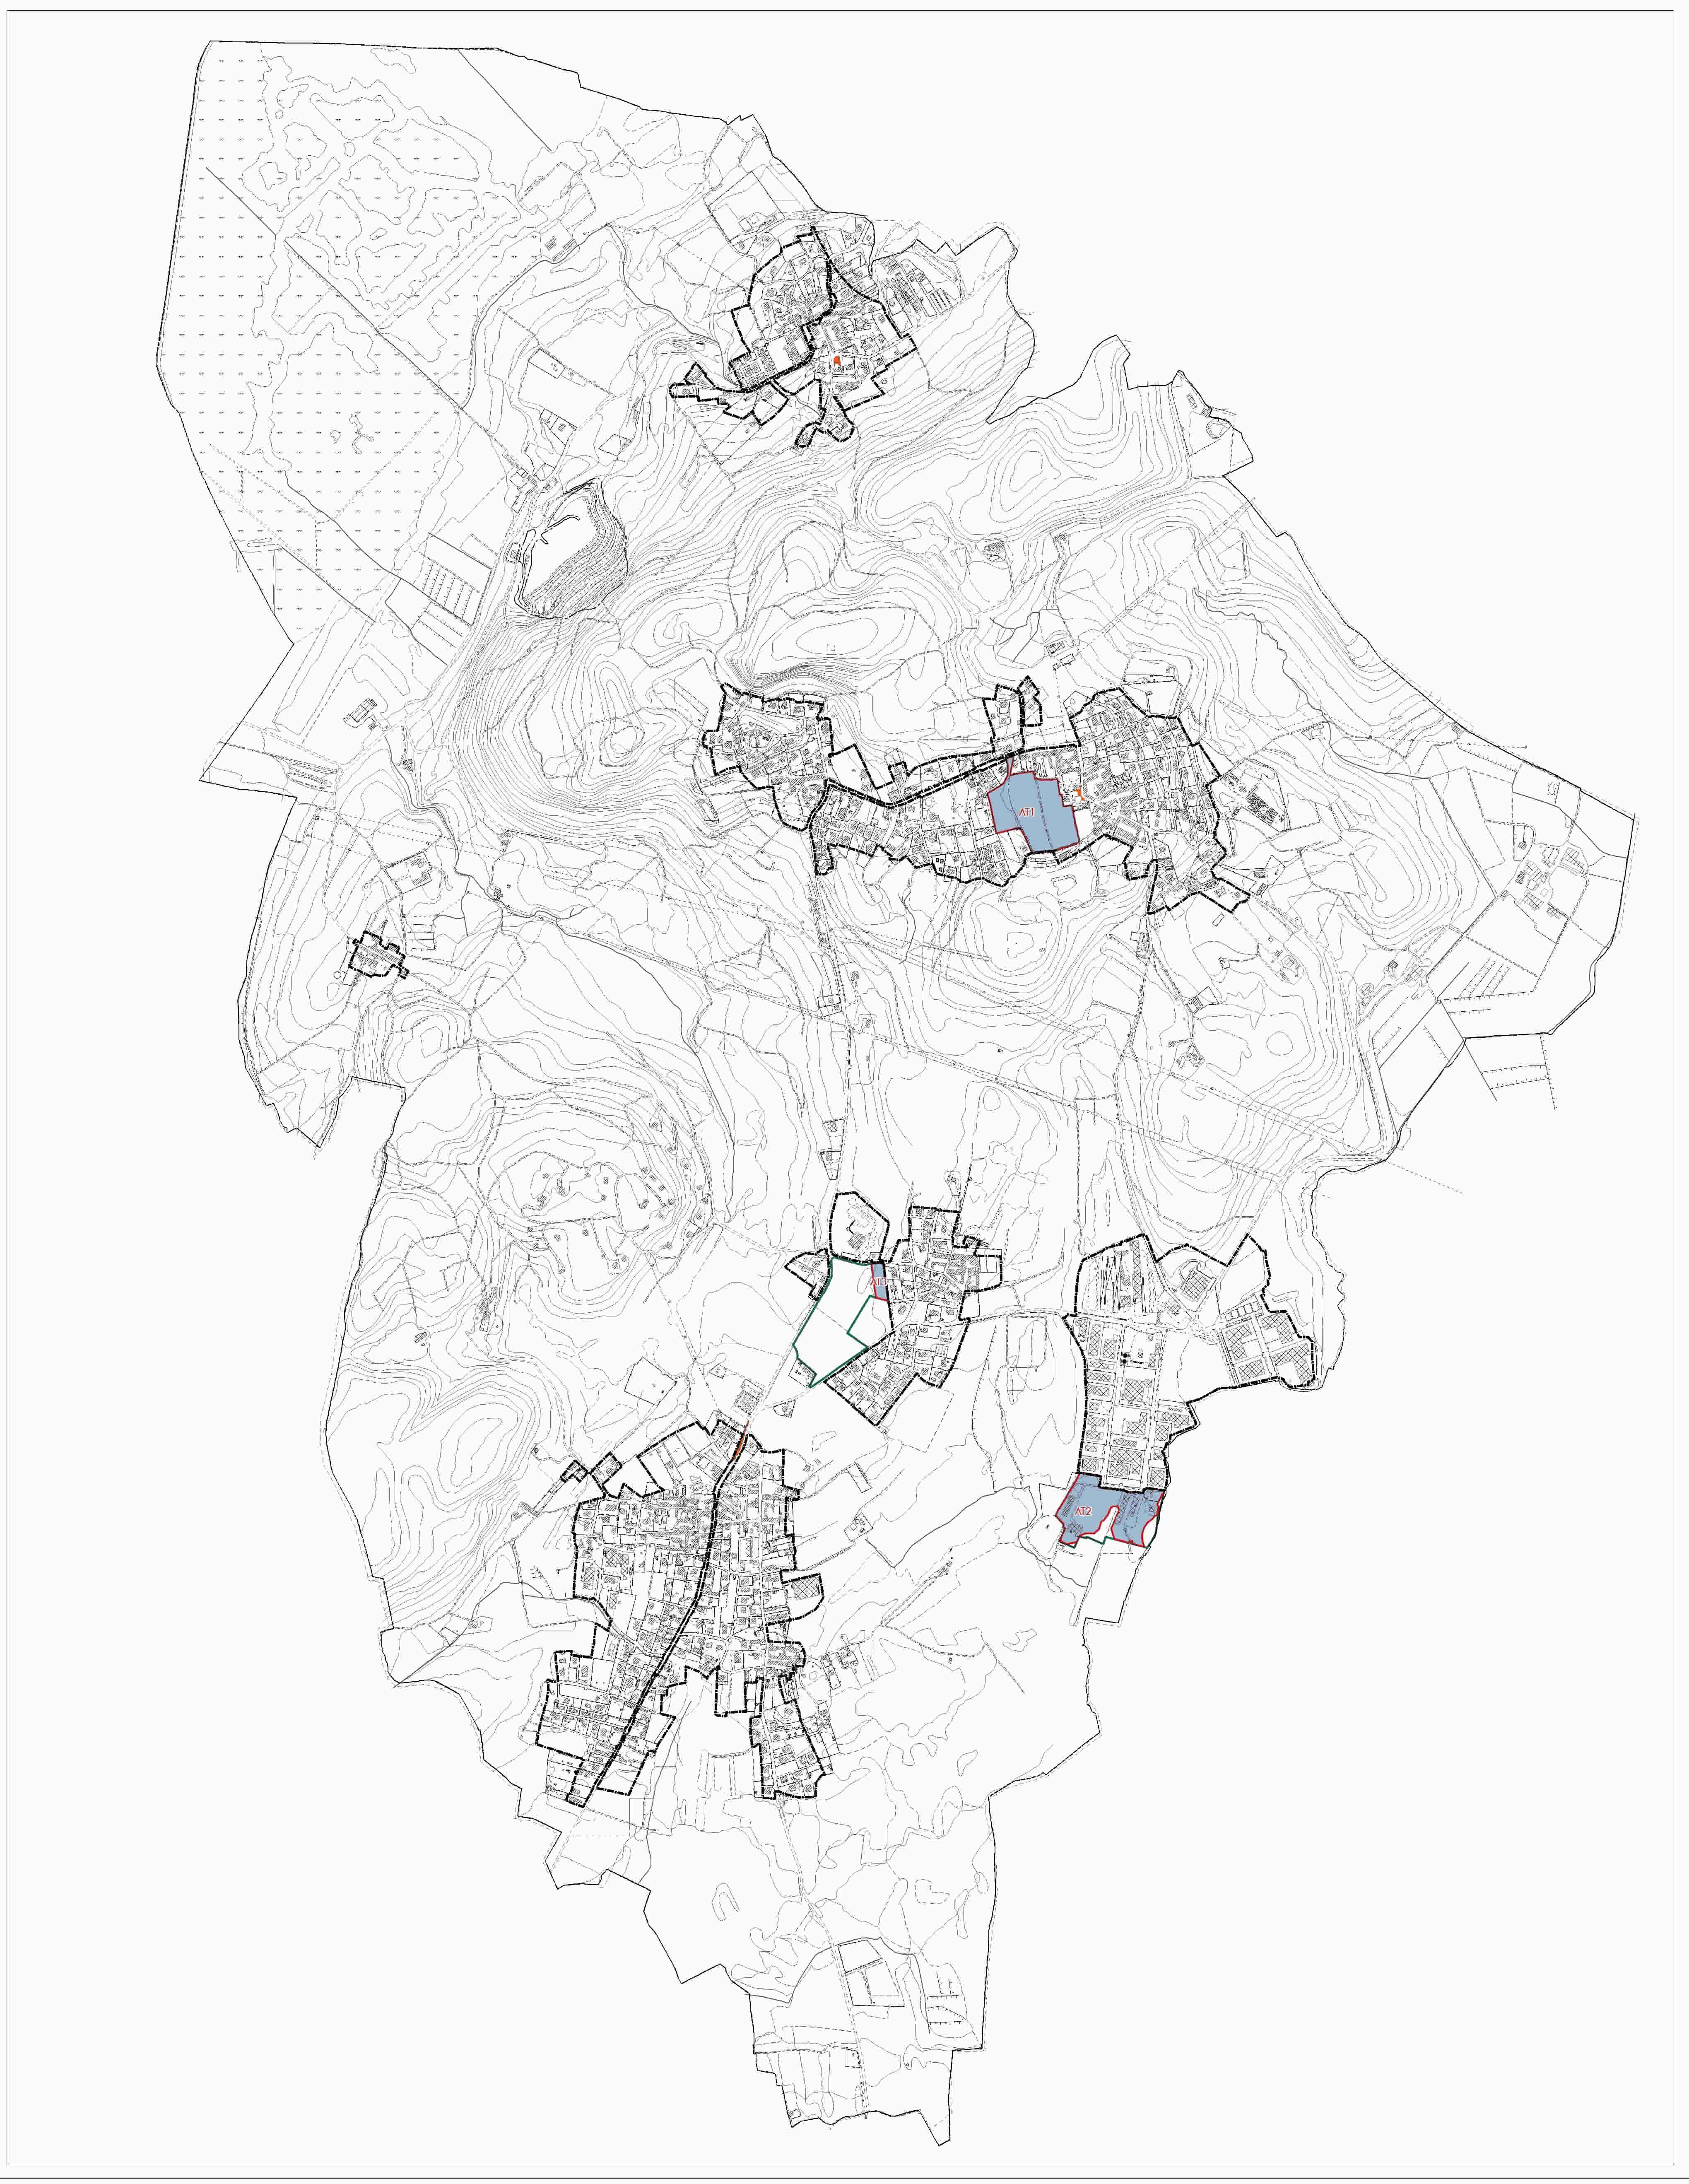 plan urbanisme overgreen